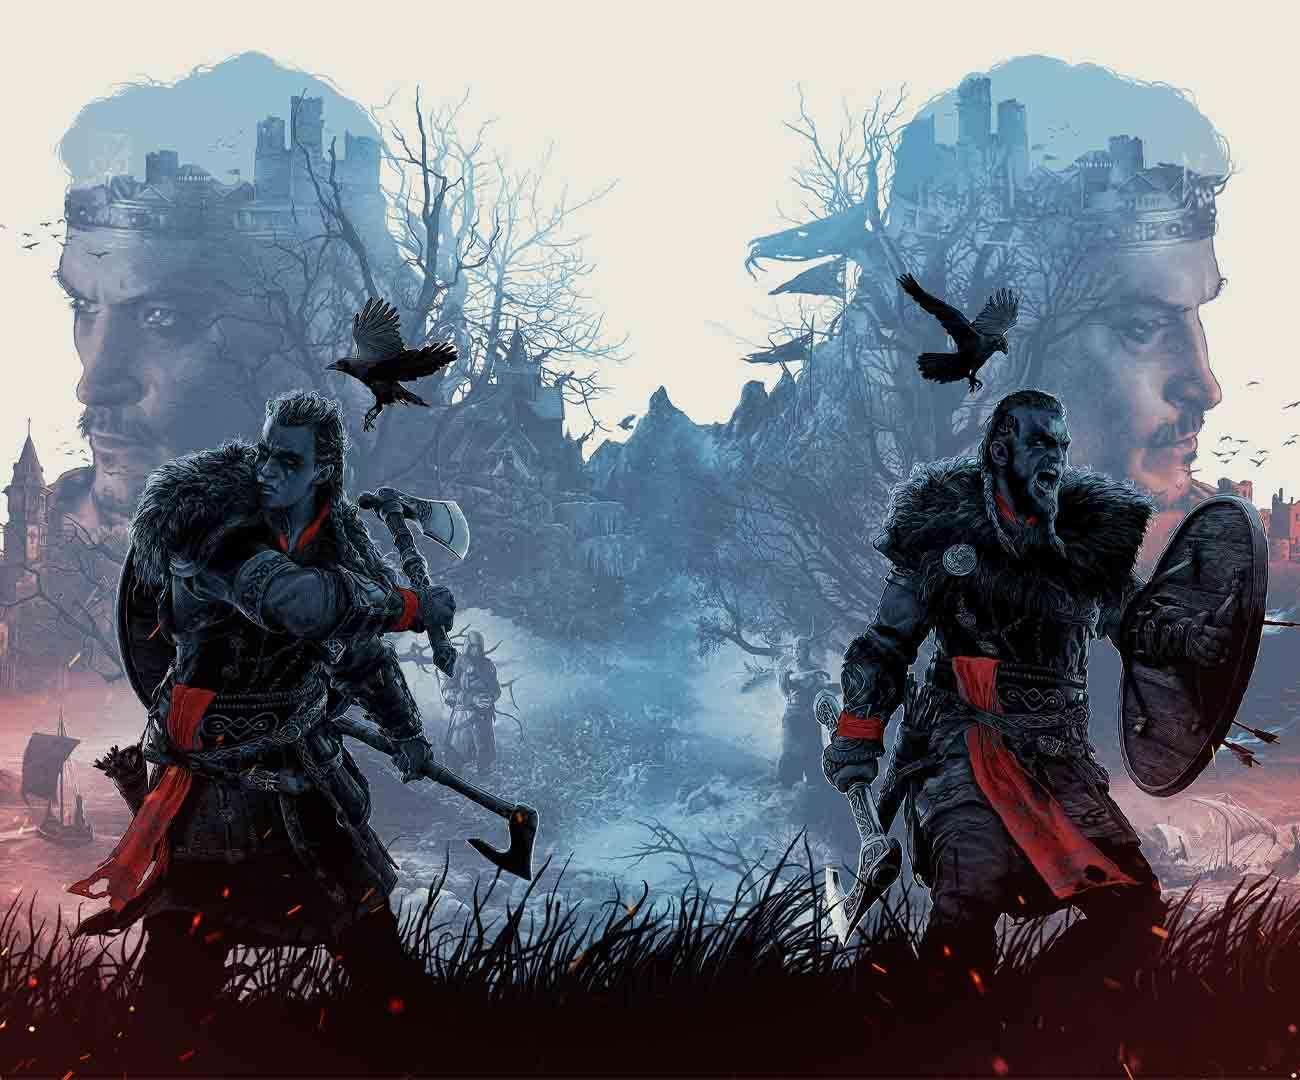 Kanoniczny bohater Assassin's Creed Valhalla? Mamy odpowiedź. Tak jakby